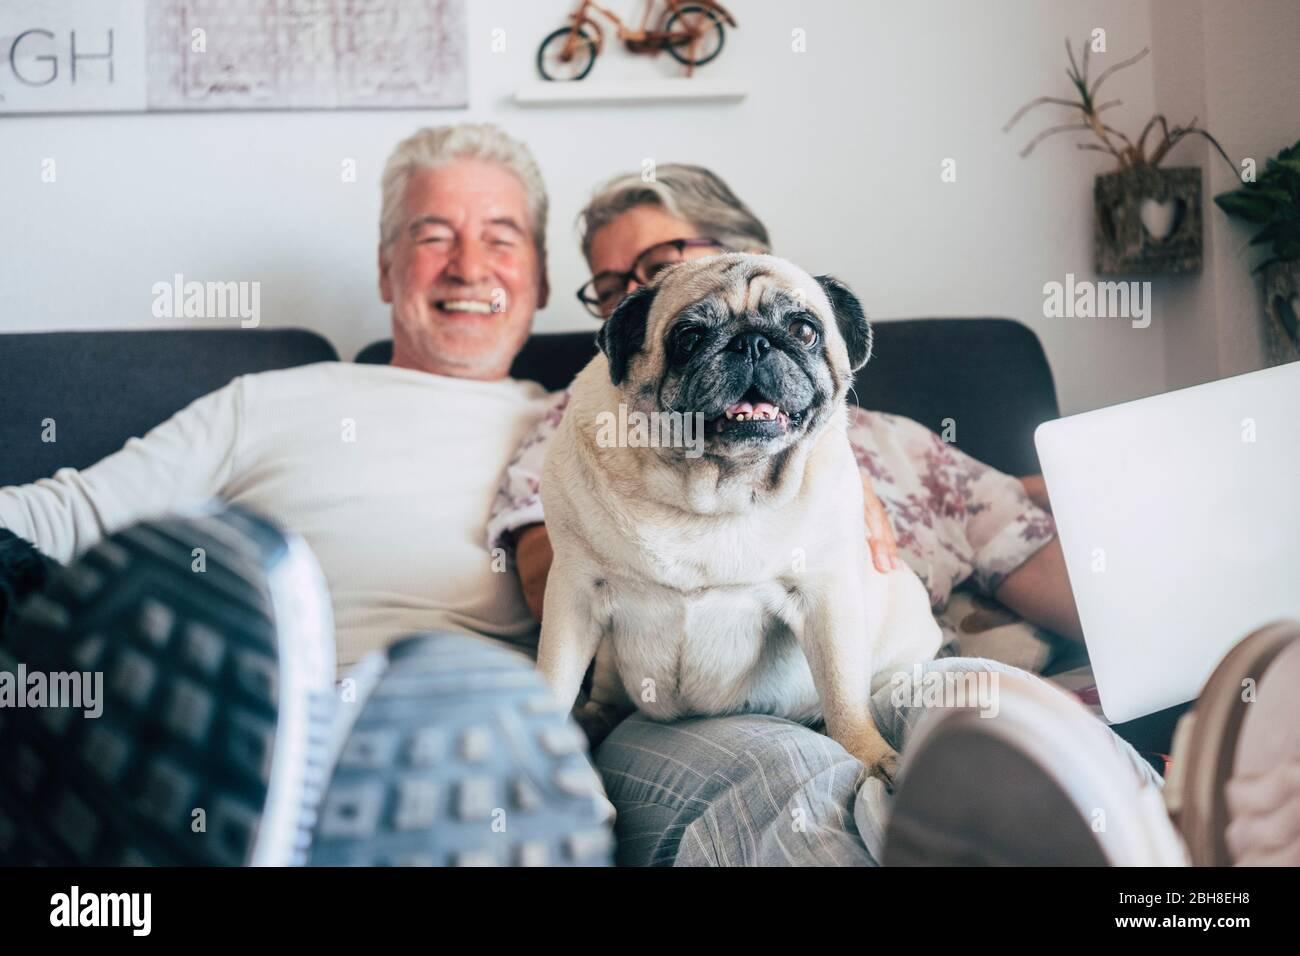 Coppia senior caucasica sedersi sul divano con divertente cane pug guardare. Felicità con amore per gli animali e miglior concetto amico - la vita quotidiana a casa con persone simpatiche e cucciolo vecchio Foto Stock